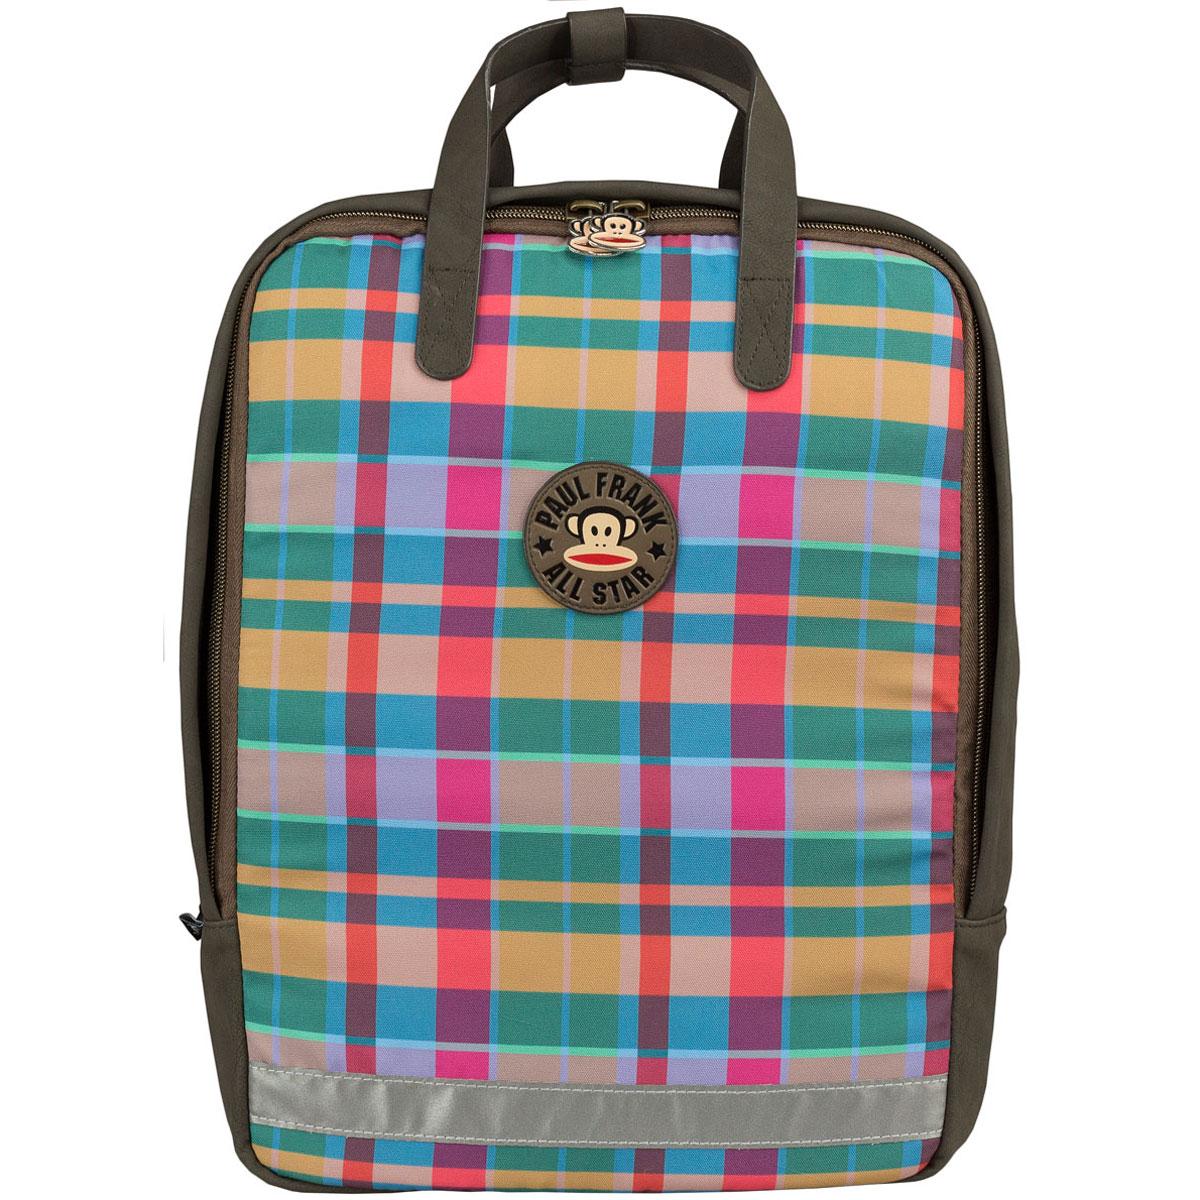 Сумка-рюкзак молодежная Paul Frank, цвет: коричневый, мультицвет72523WDМолодежная сумка-рюкзак Paul Frank выполнена из высококачественных материалов.Содержит одно вместительное отделение на застежке-молнии с двумя бегунками. Внутри отделения находится мягкий карман для гаджетов, прорезной карман на застежке-молнии и два открытых кармашка.Дно сумки-рюкзака можно сделать жестким, разложив специальную пластиковую панель. Мягкие широкие регулируемые по длине лямки, при желании их можно убрать в специальное отделение на спинке. Фронтальная сторона изделия уплотнена поролоном. Сверху сумка-рюкзак оснащена петлей для подвешивания и двумя ручками для переноски в руке, а с помощью фиксатора на кнопке их можно соединить в одну. Светоотражающие элементы обеспечивают дополнительную безопасность в темное время суток.Такую сумку-рюкзак можно использовать для повседневных прогулок, отдыха и спорта, а также как элемент вашего имиджа.Рекомендуемый возраст: от 13 лет.